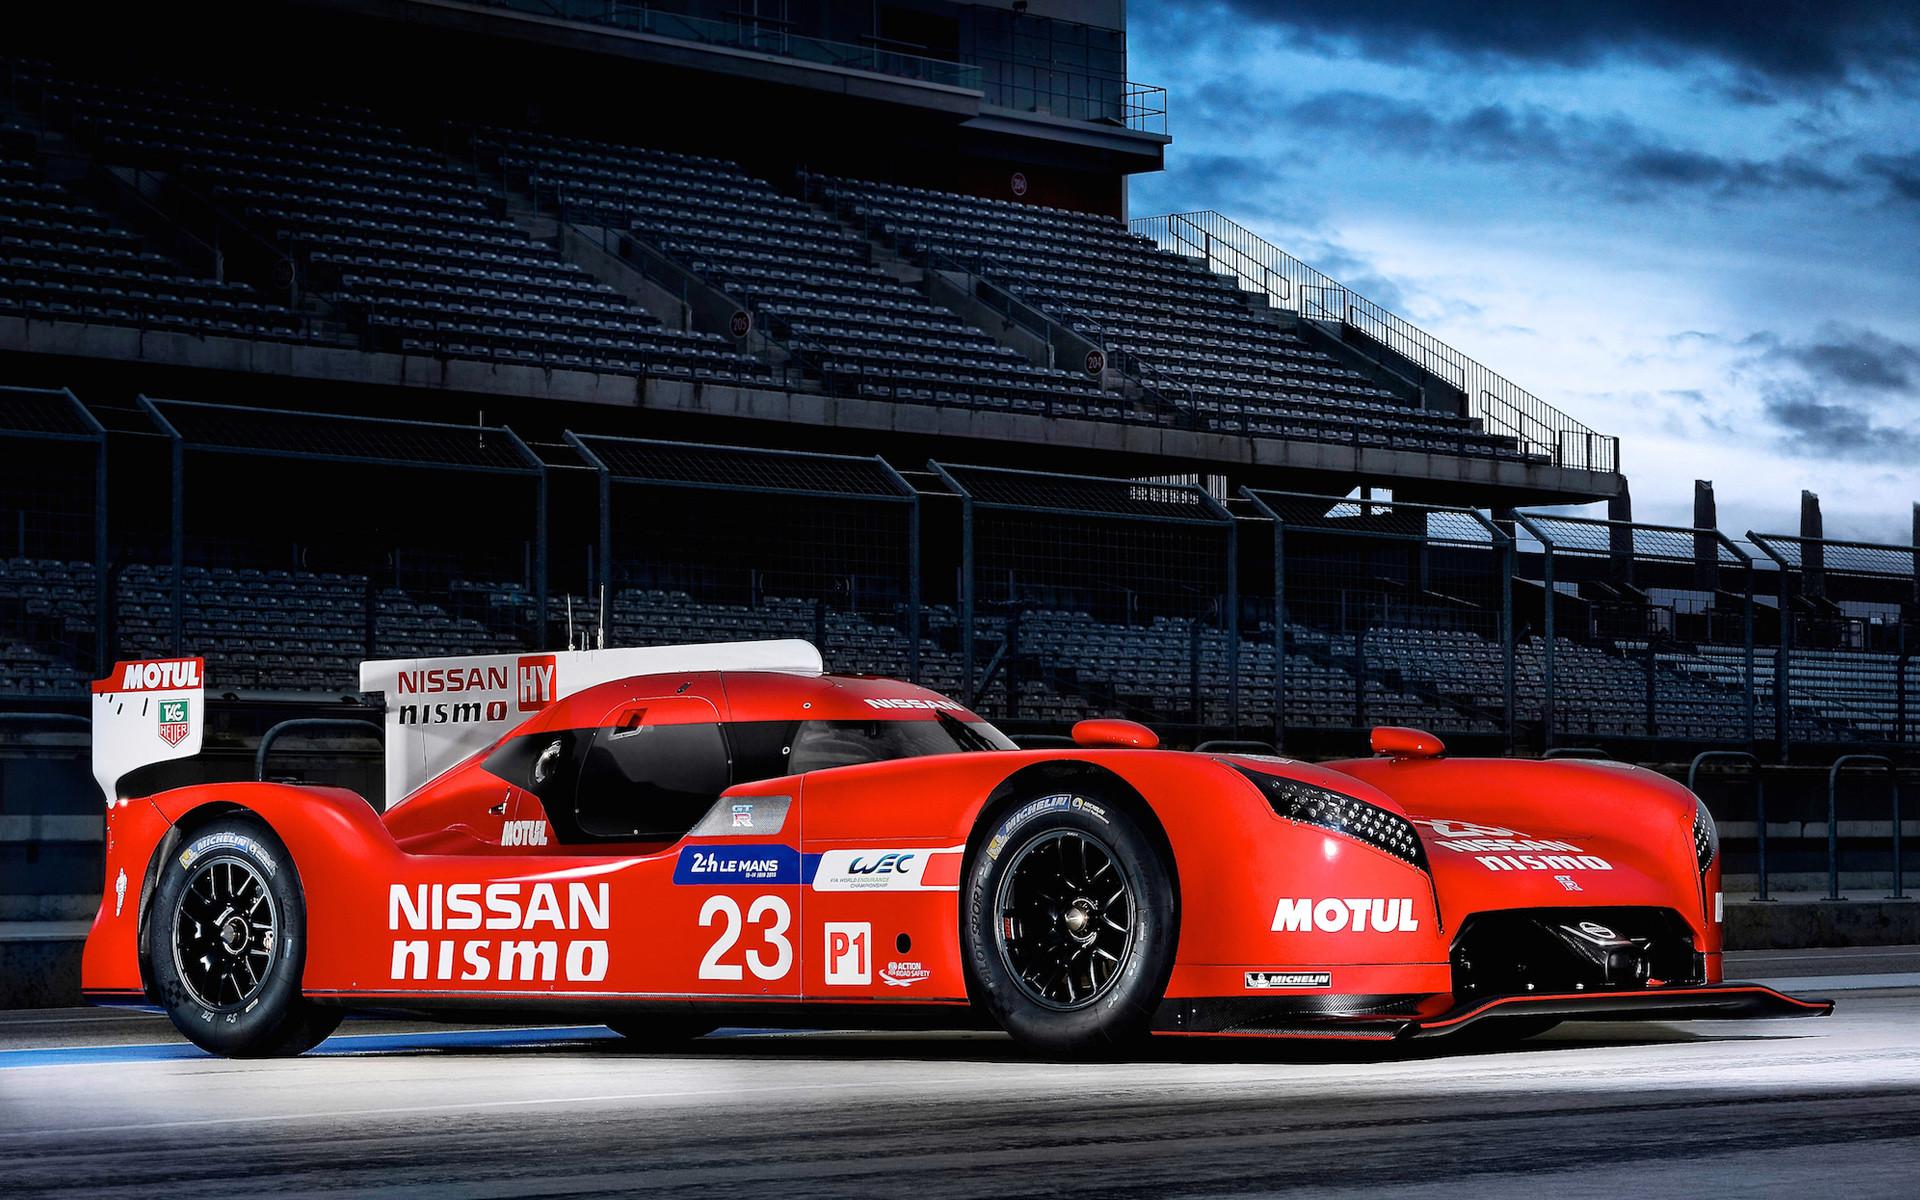 Nissan GTR Sports Car Wallpaper | High Definition Wallpapers (HD Wallpapers  1080p) | Pinterest